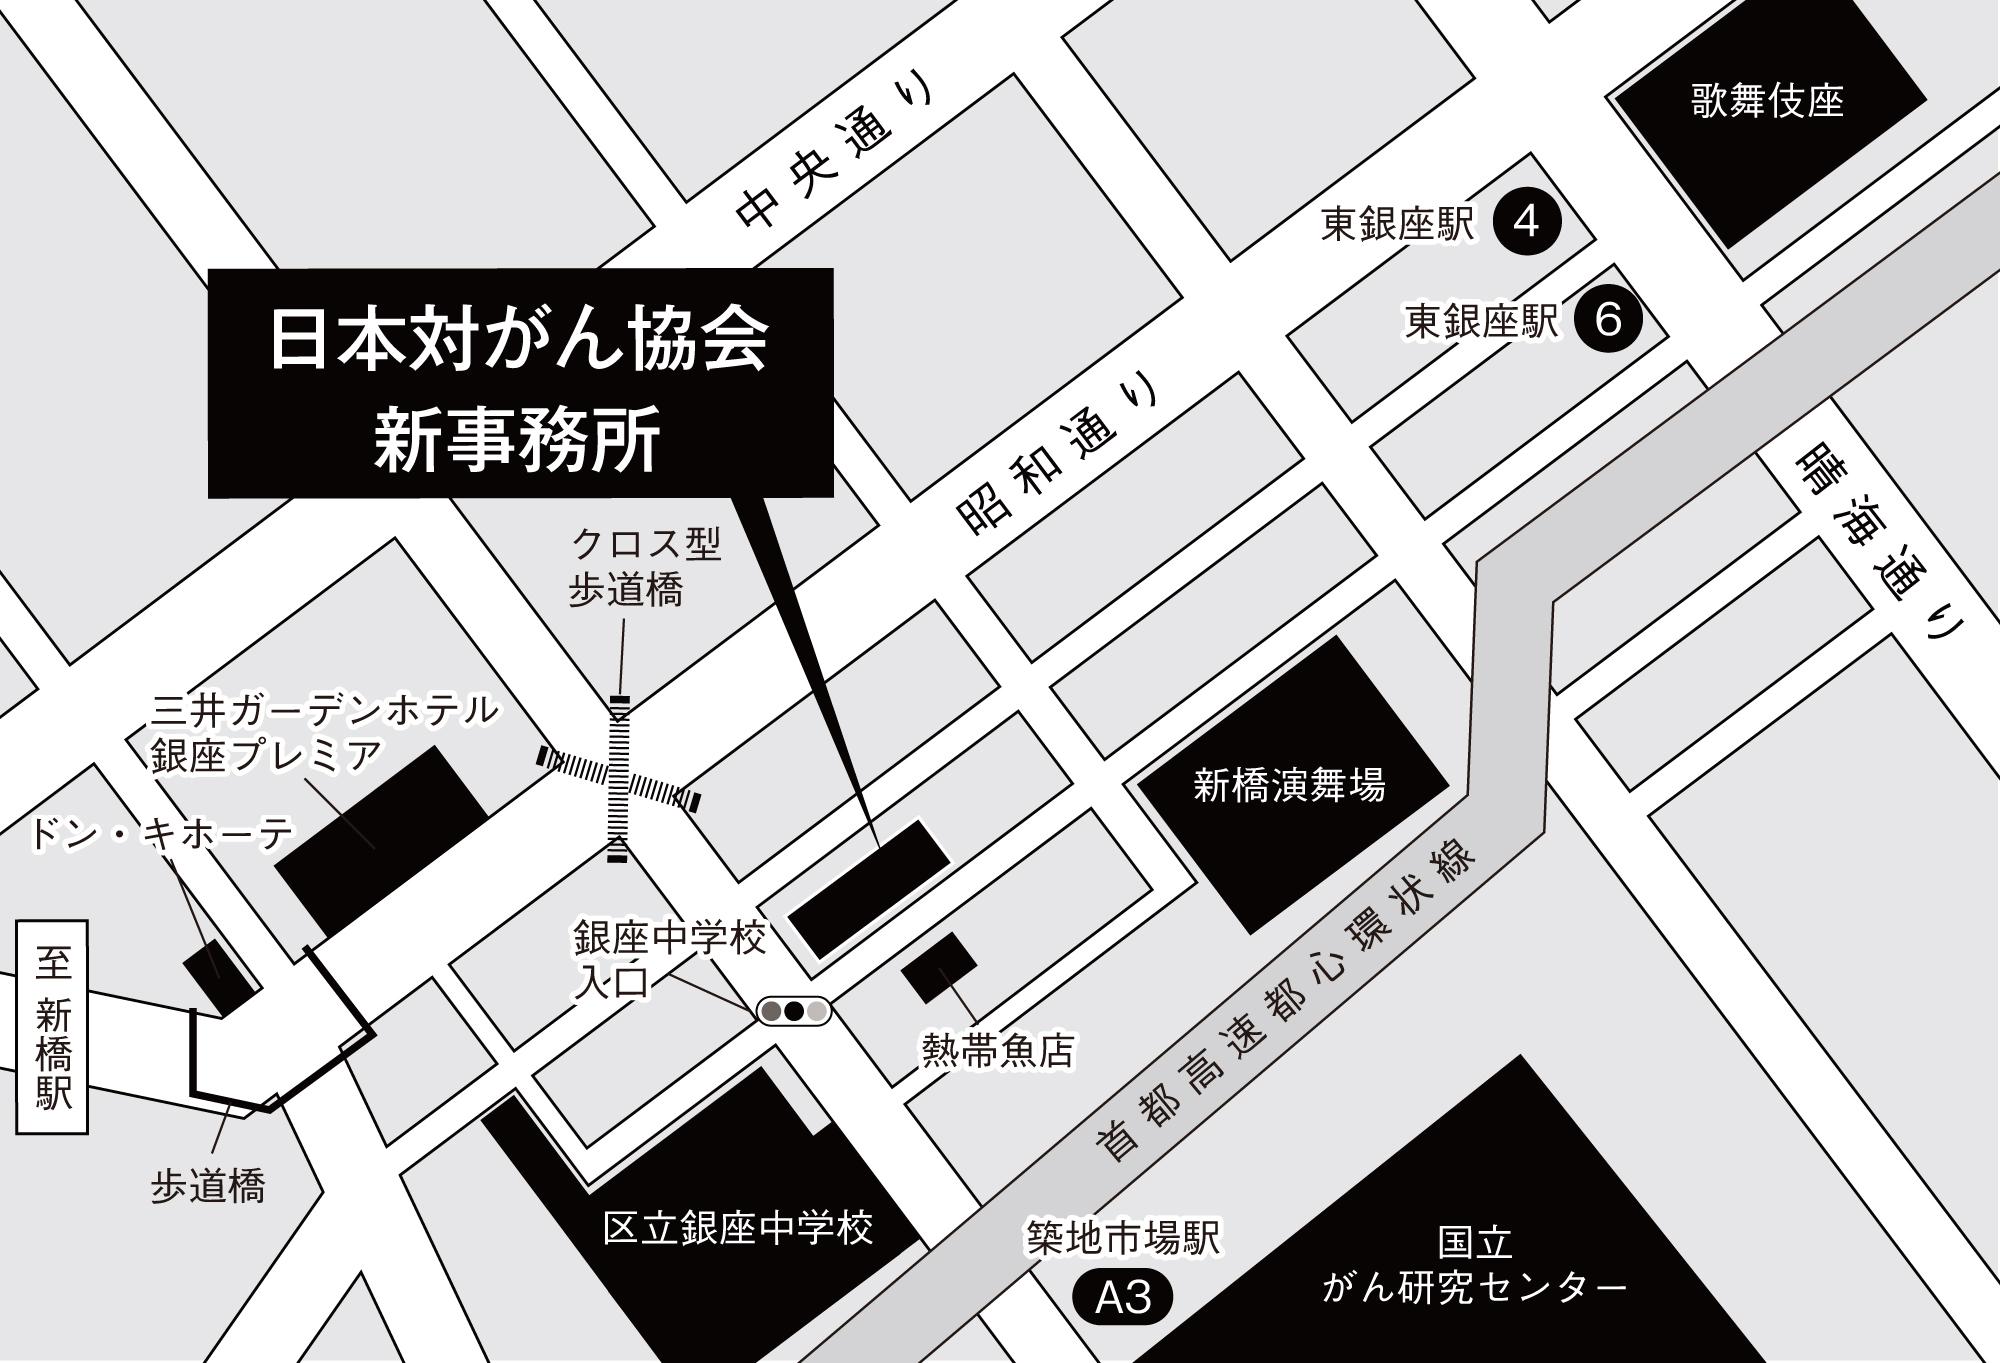 財団法人日本対がん協会案内地図